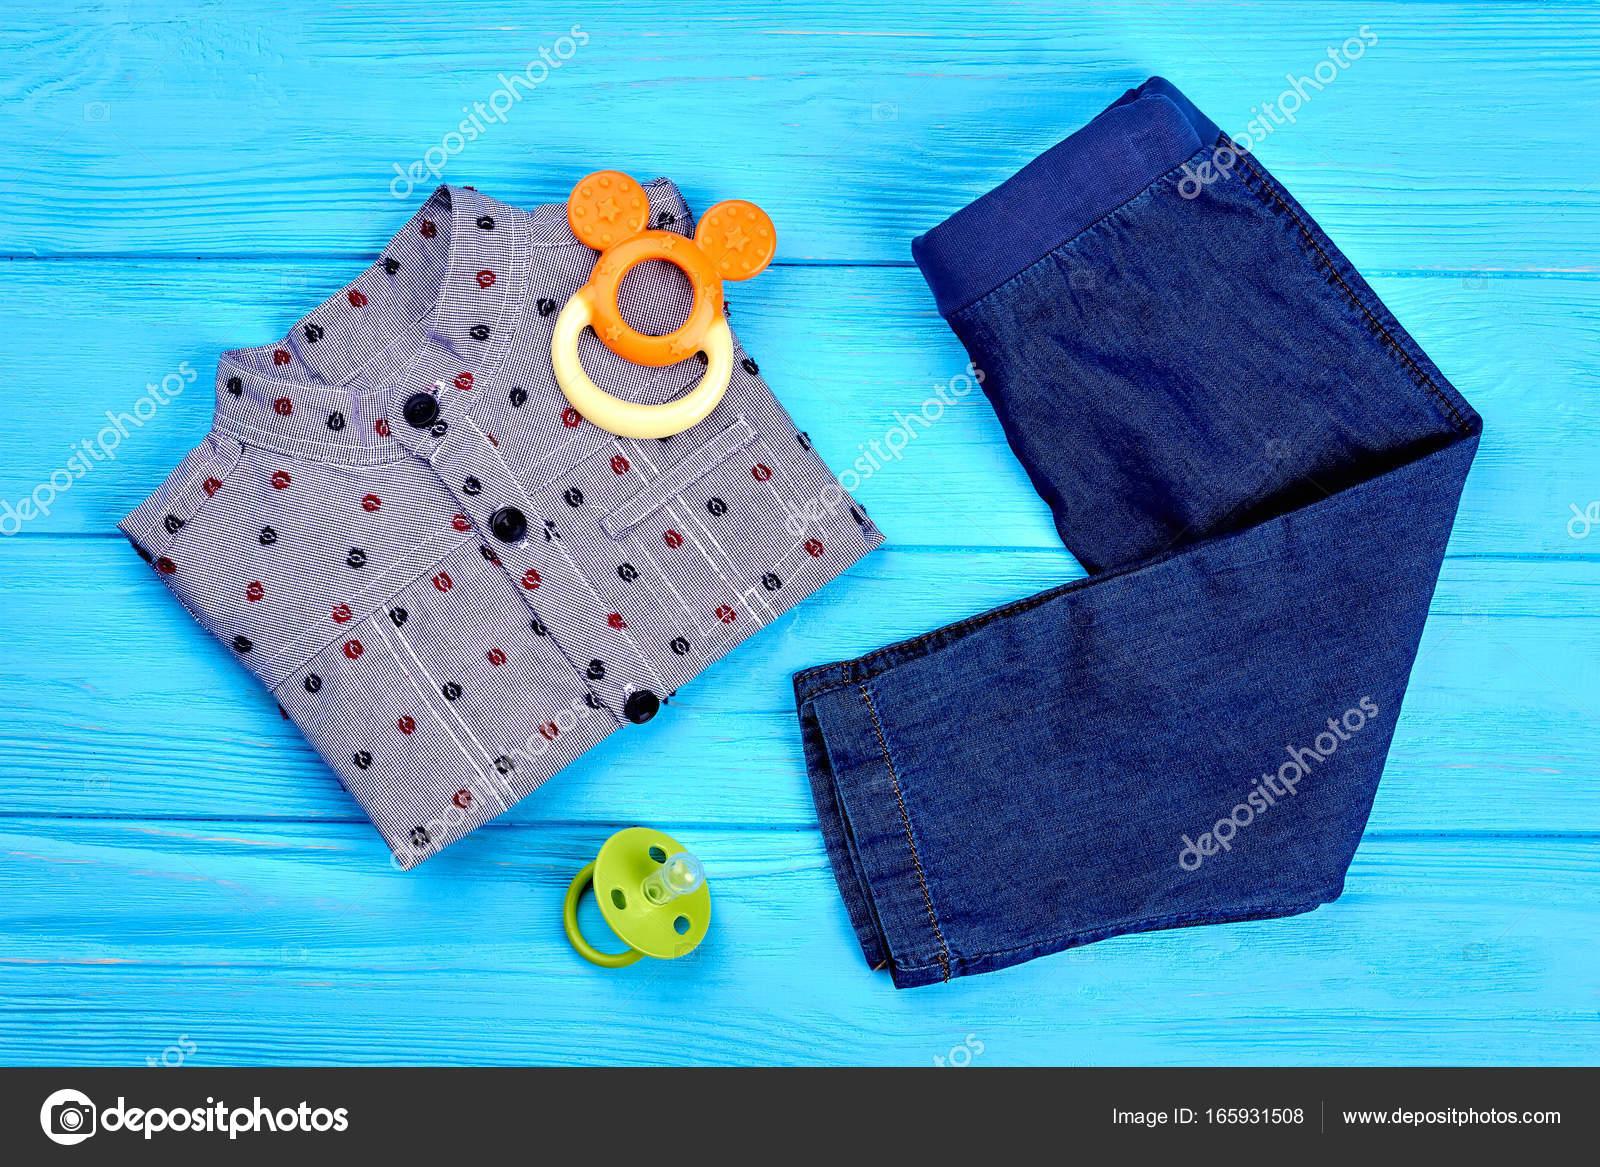 05c0eef81 Ropa y accesorios para bebé-niño — Foto de Stock